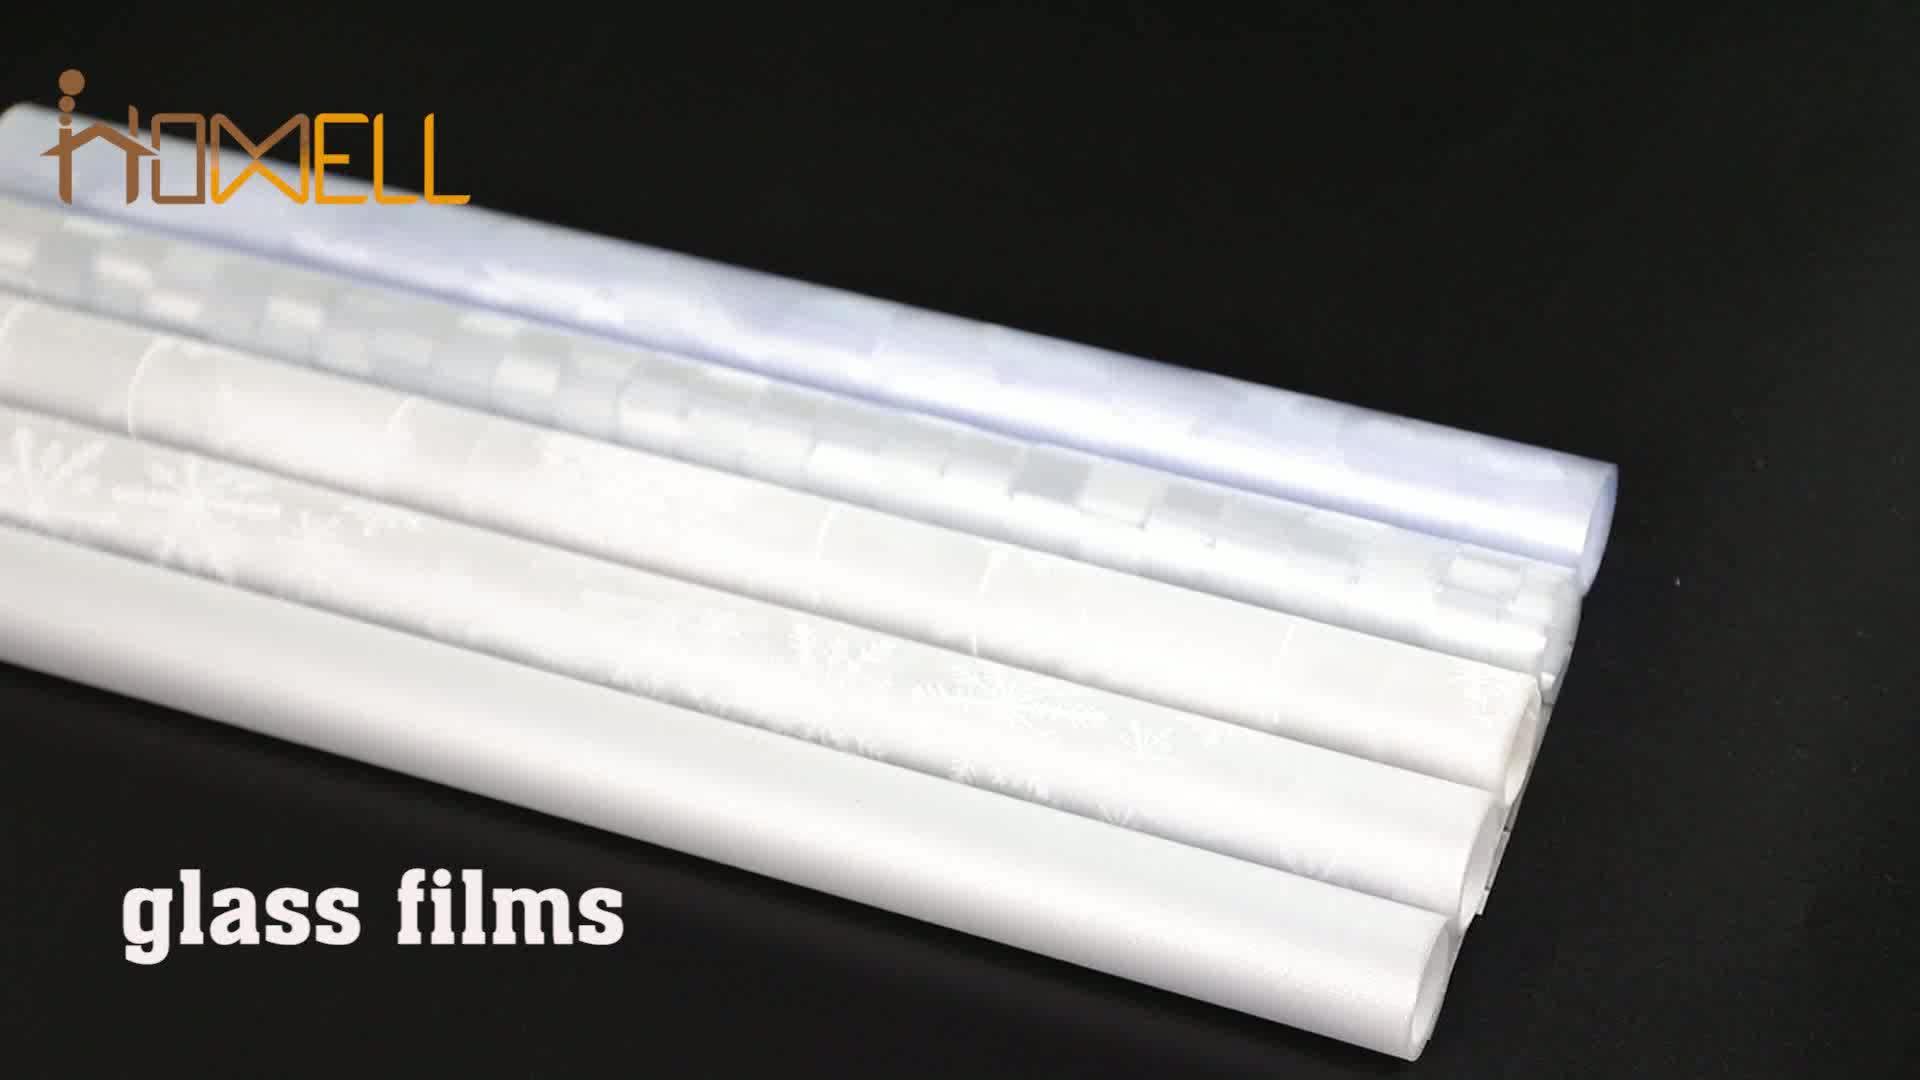 P015w स्थिर खिड़की शीट इंद्रधनुष पीवीसी फिल्म पुन: प्रयोज्य खिड़की फिल्म